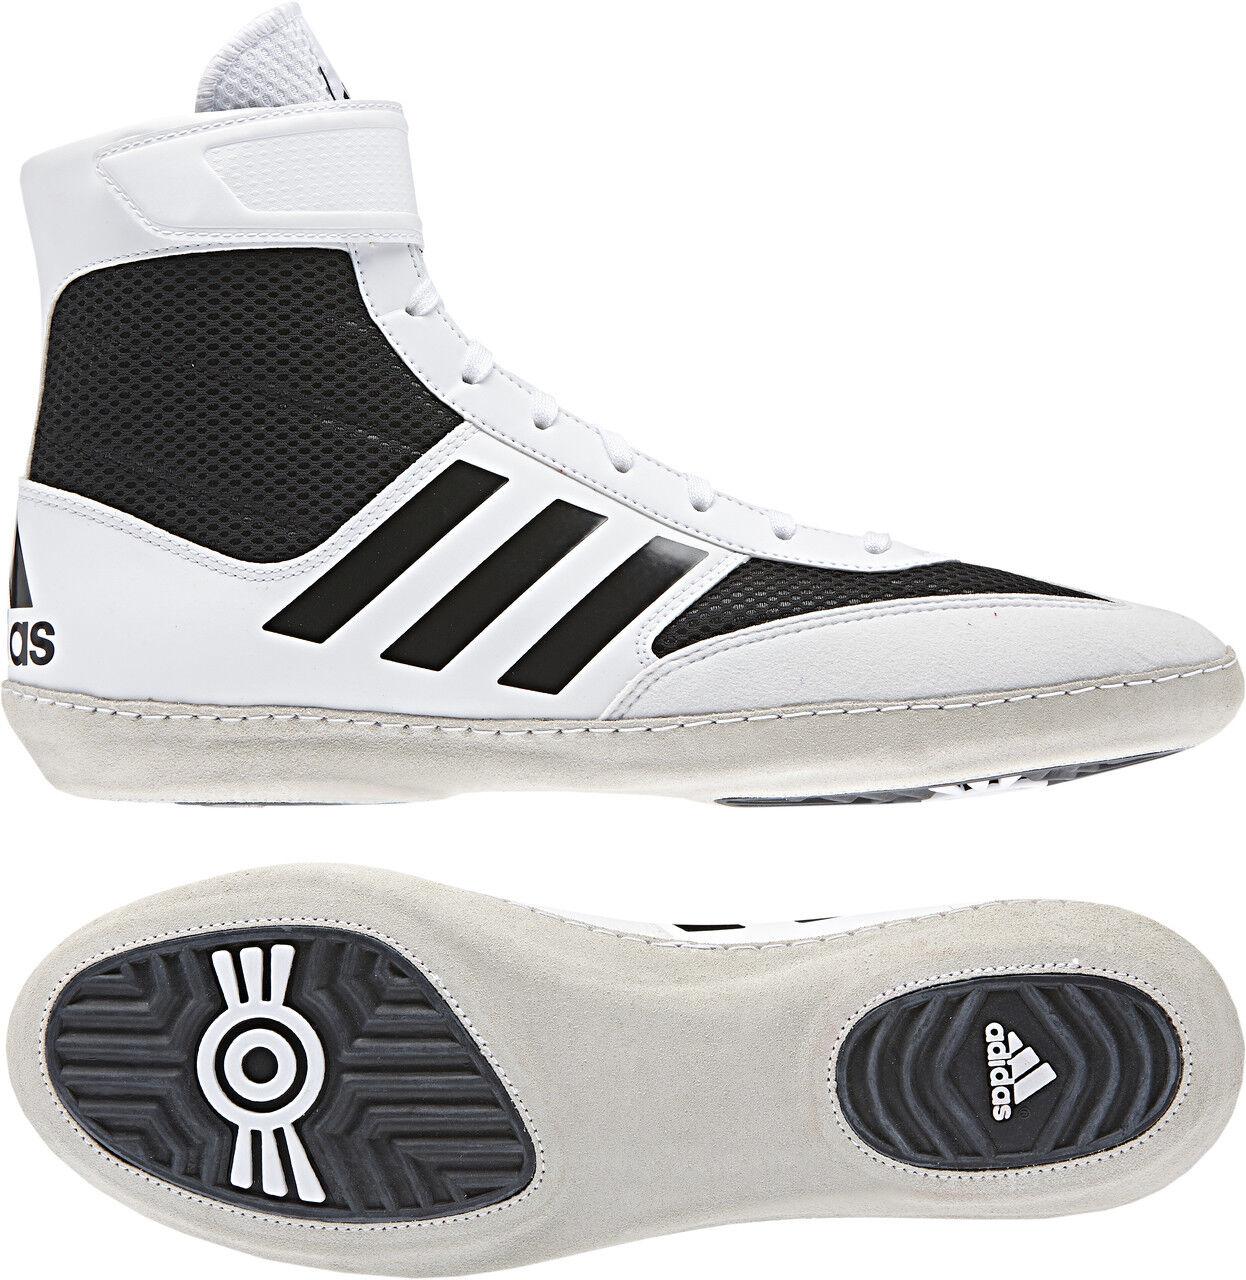 Adidas Combat Speed 5 Wrestling Shoes Stivali White/Nero Boxing MMA